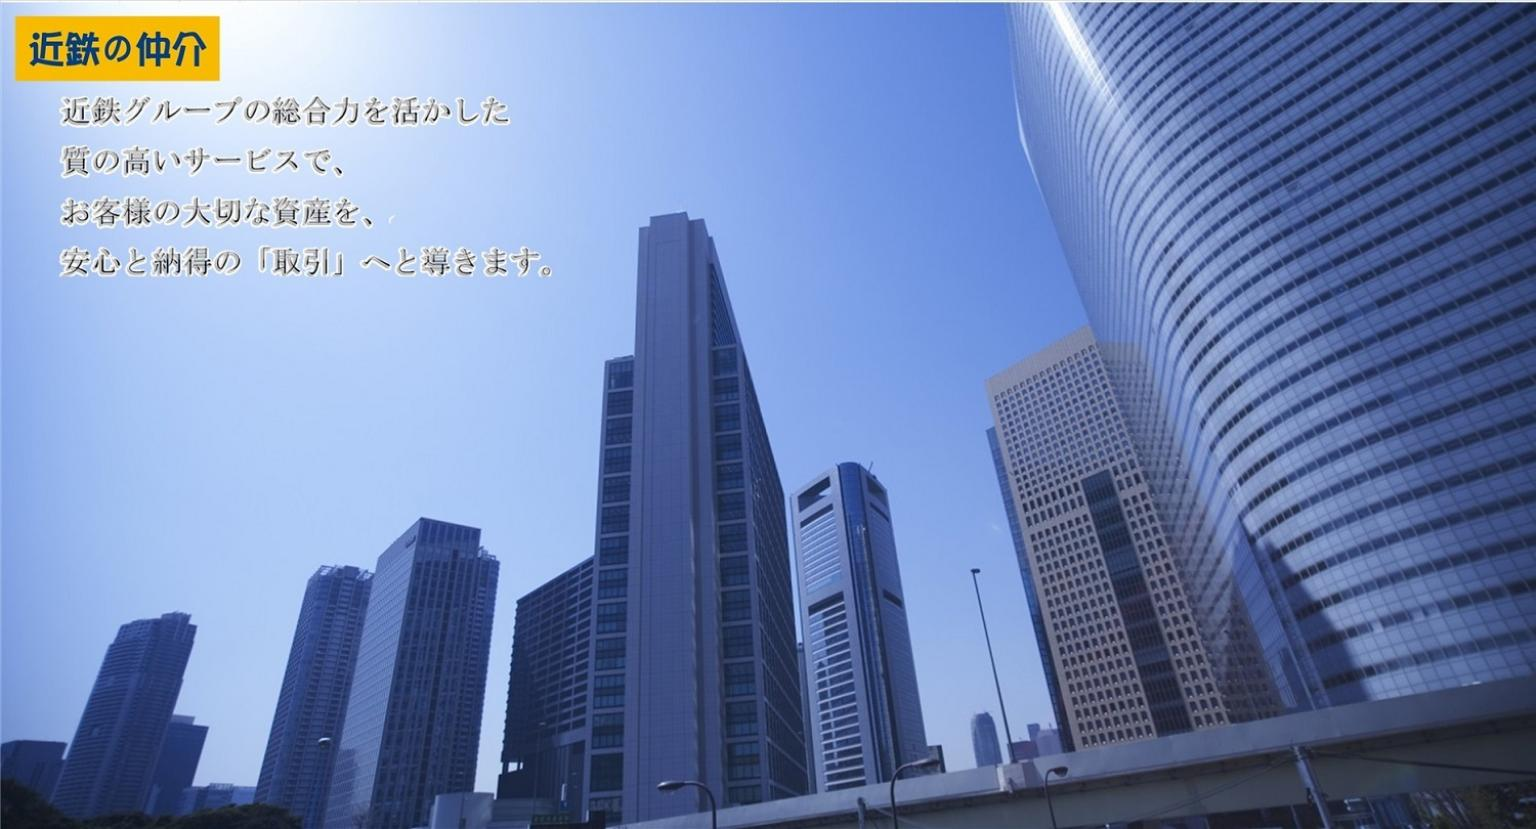 近鉄不動産株式会社 新石切営業所